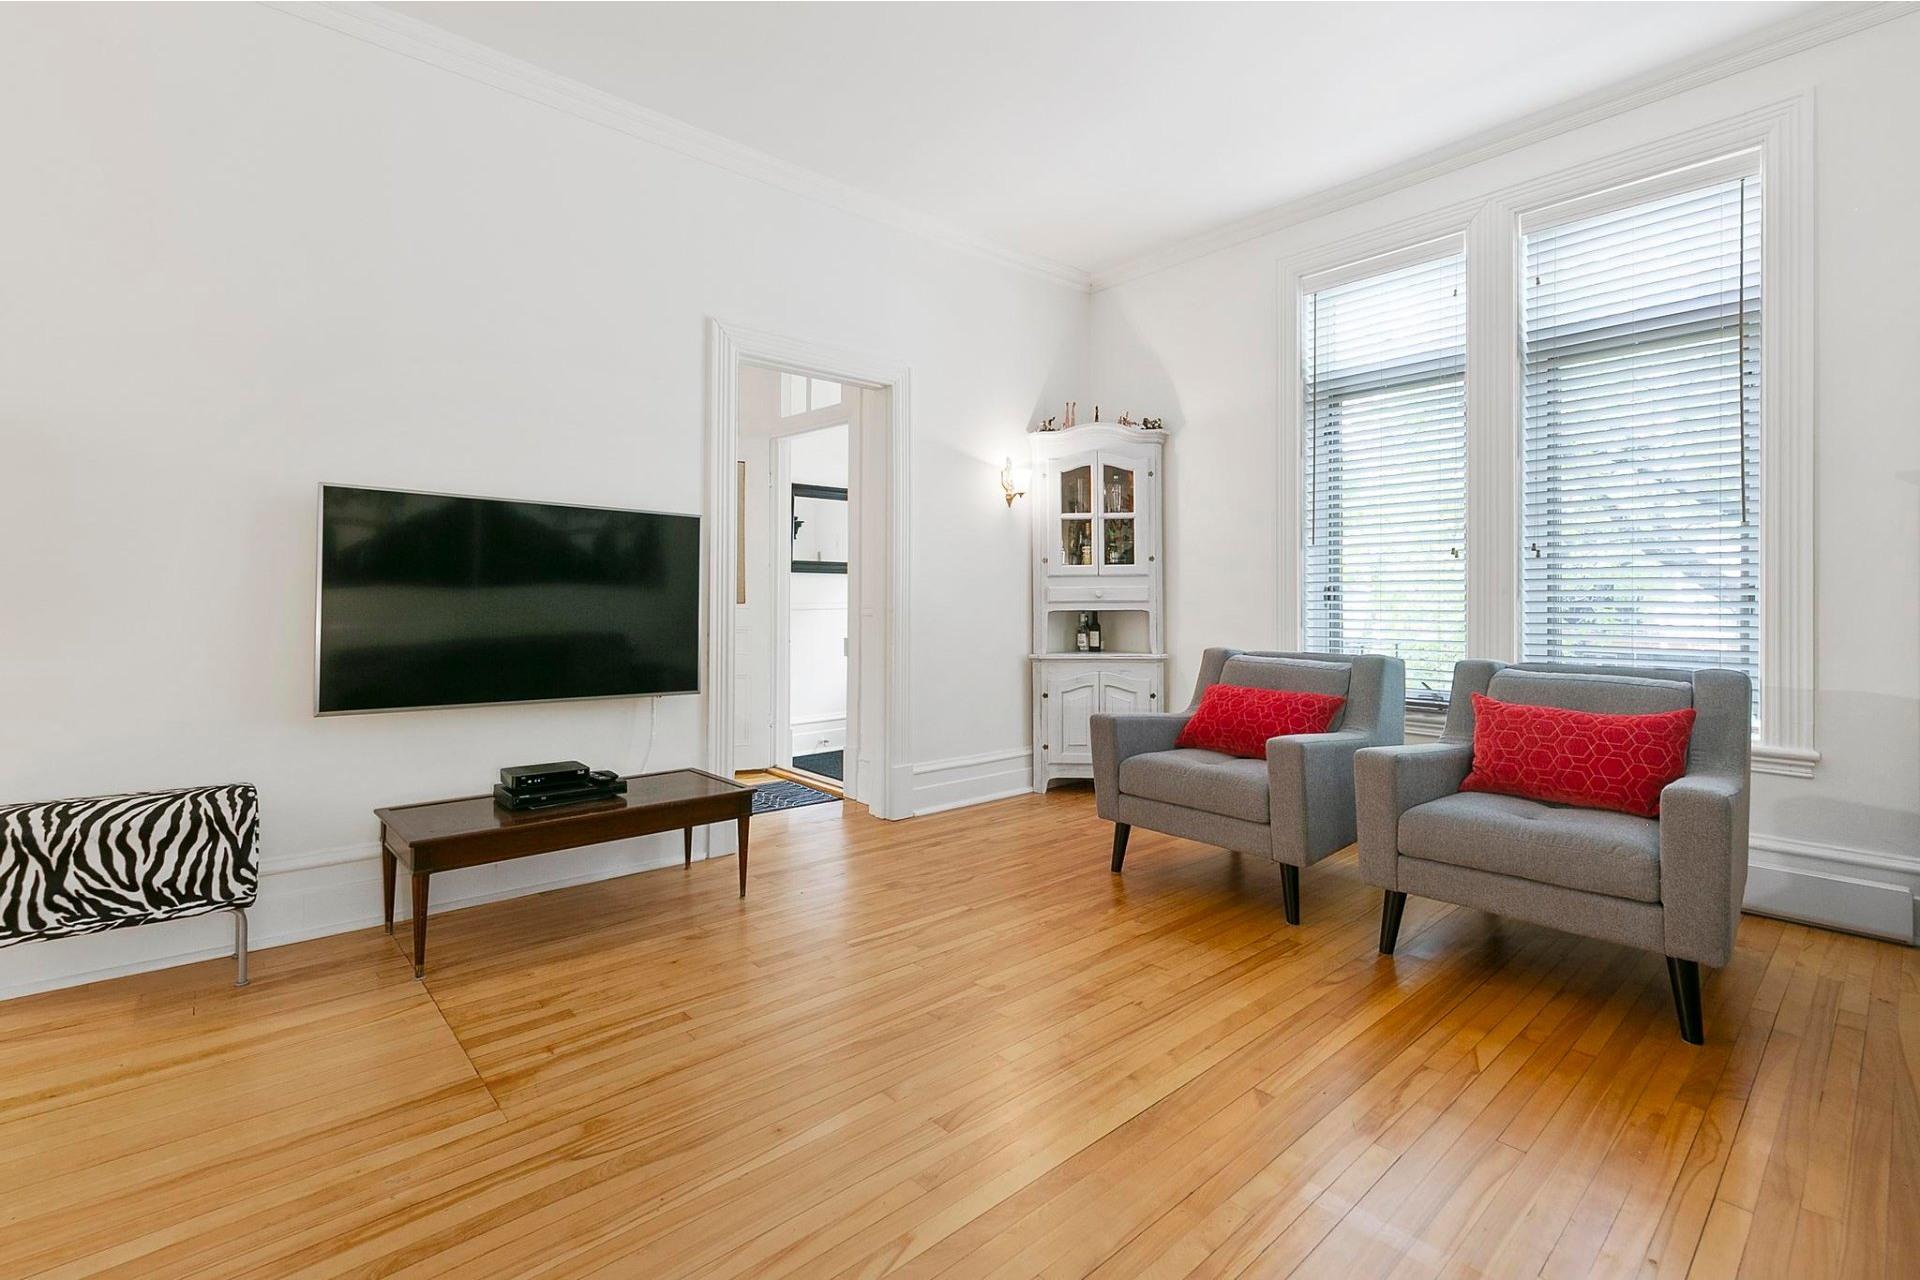 image 6 - Appartement À vendre Le Plateau-Mont-Royal Montréal  - 7 pièces